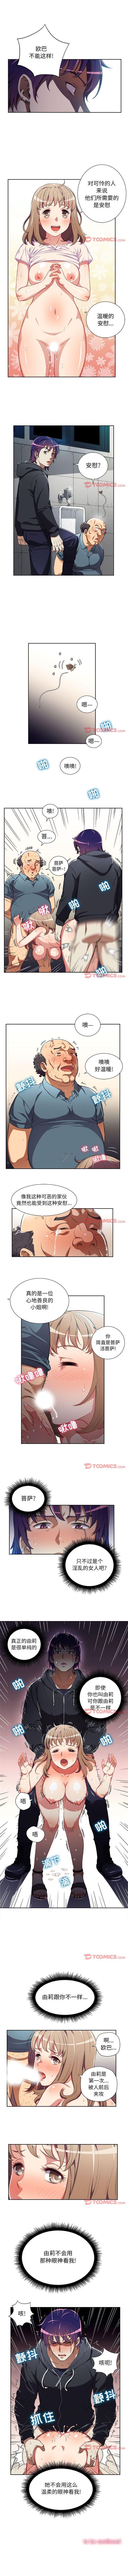 由莉的秘密1-60 中文翻译 (更新中) 227